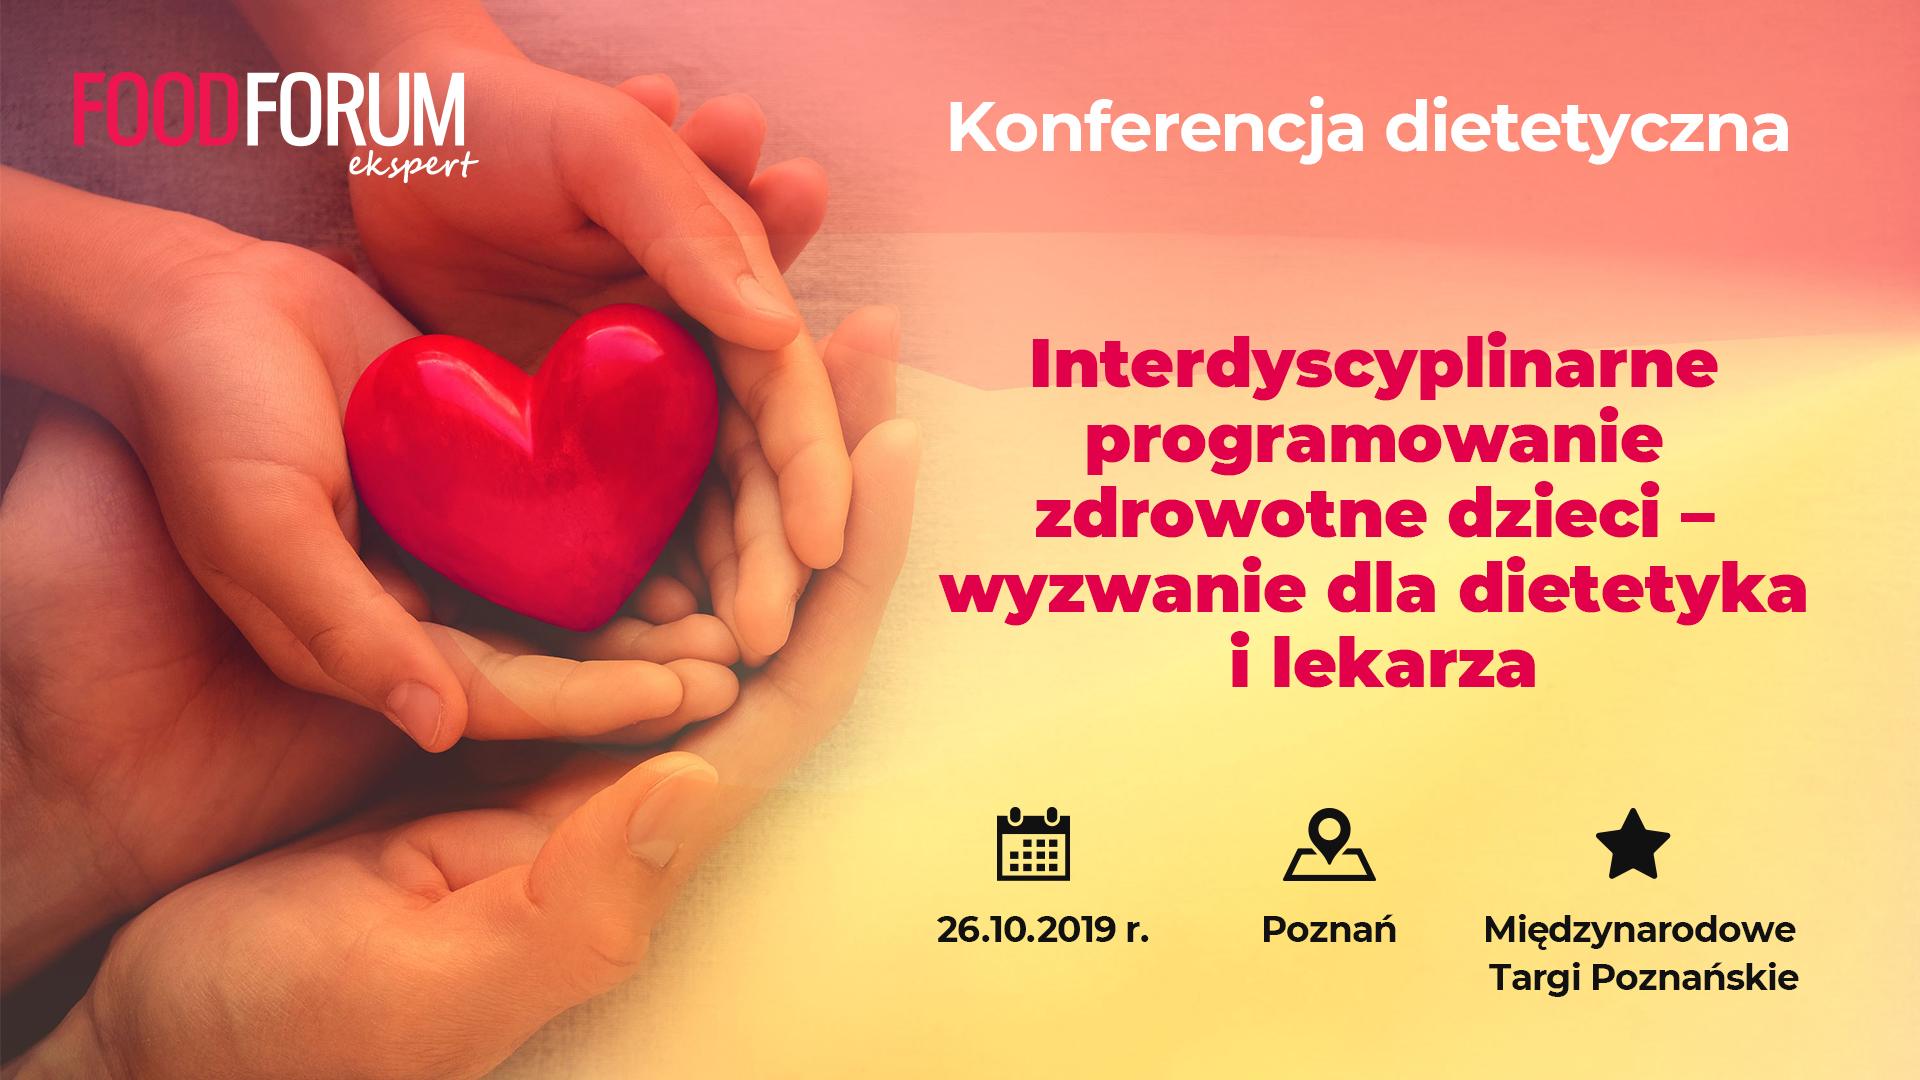 """26 października 2019 w Poznaniu odbędzie się konferencja """"Interdyscyplinarne programowanie zdrowotne dzieci – wyzwanie dla dietetyka i lekarza""""."""